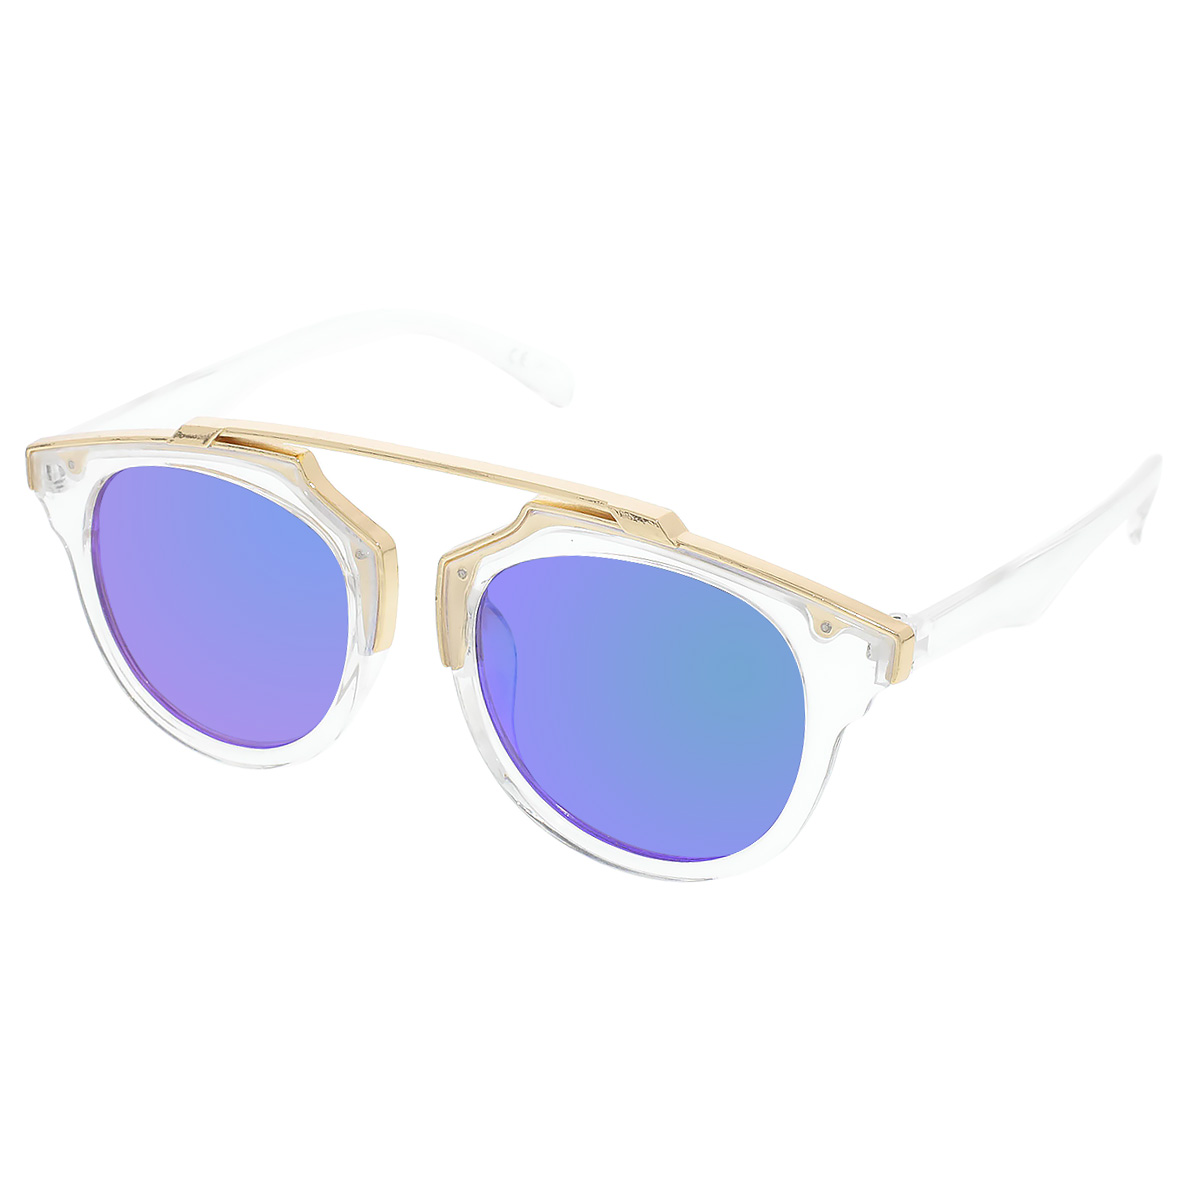 Sluneční brýle Weight pruhledné obroučky zelená skla.